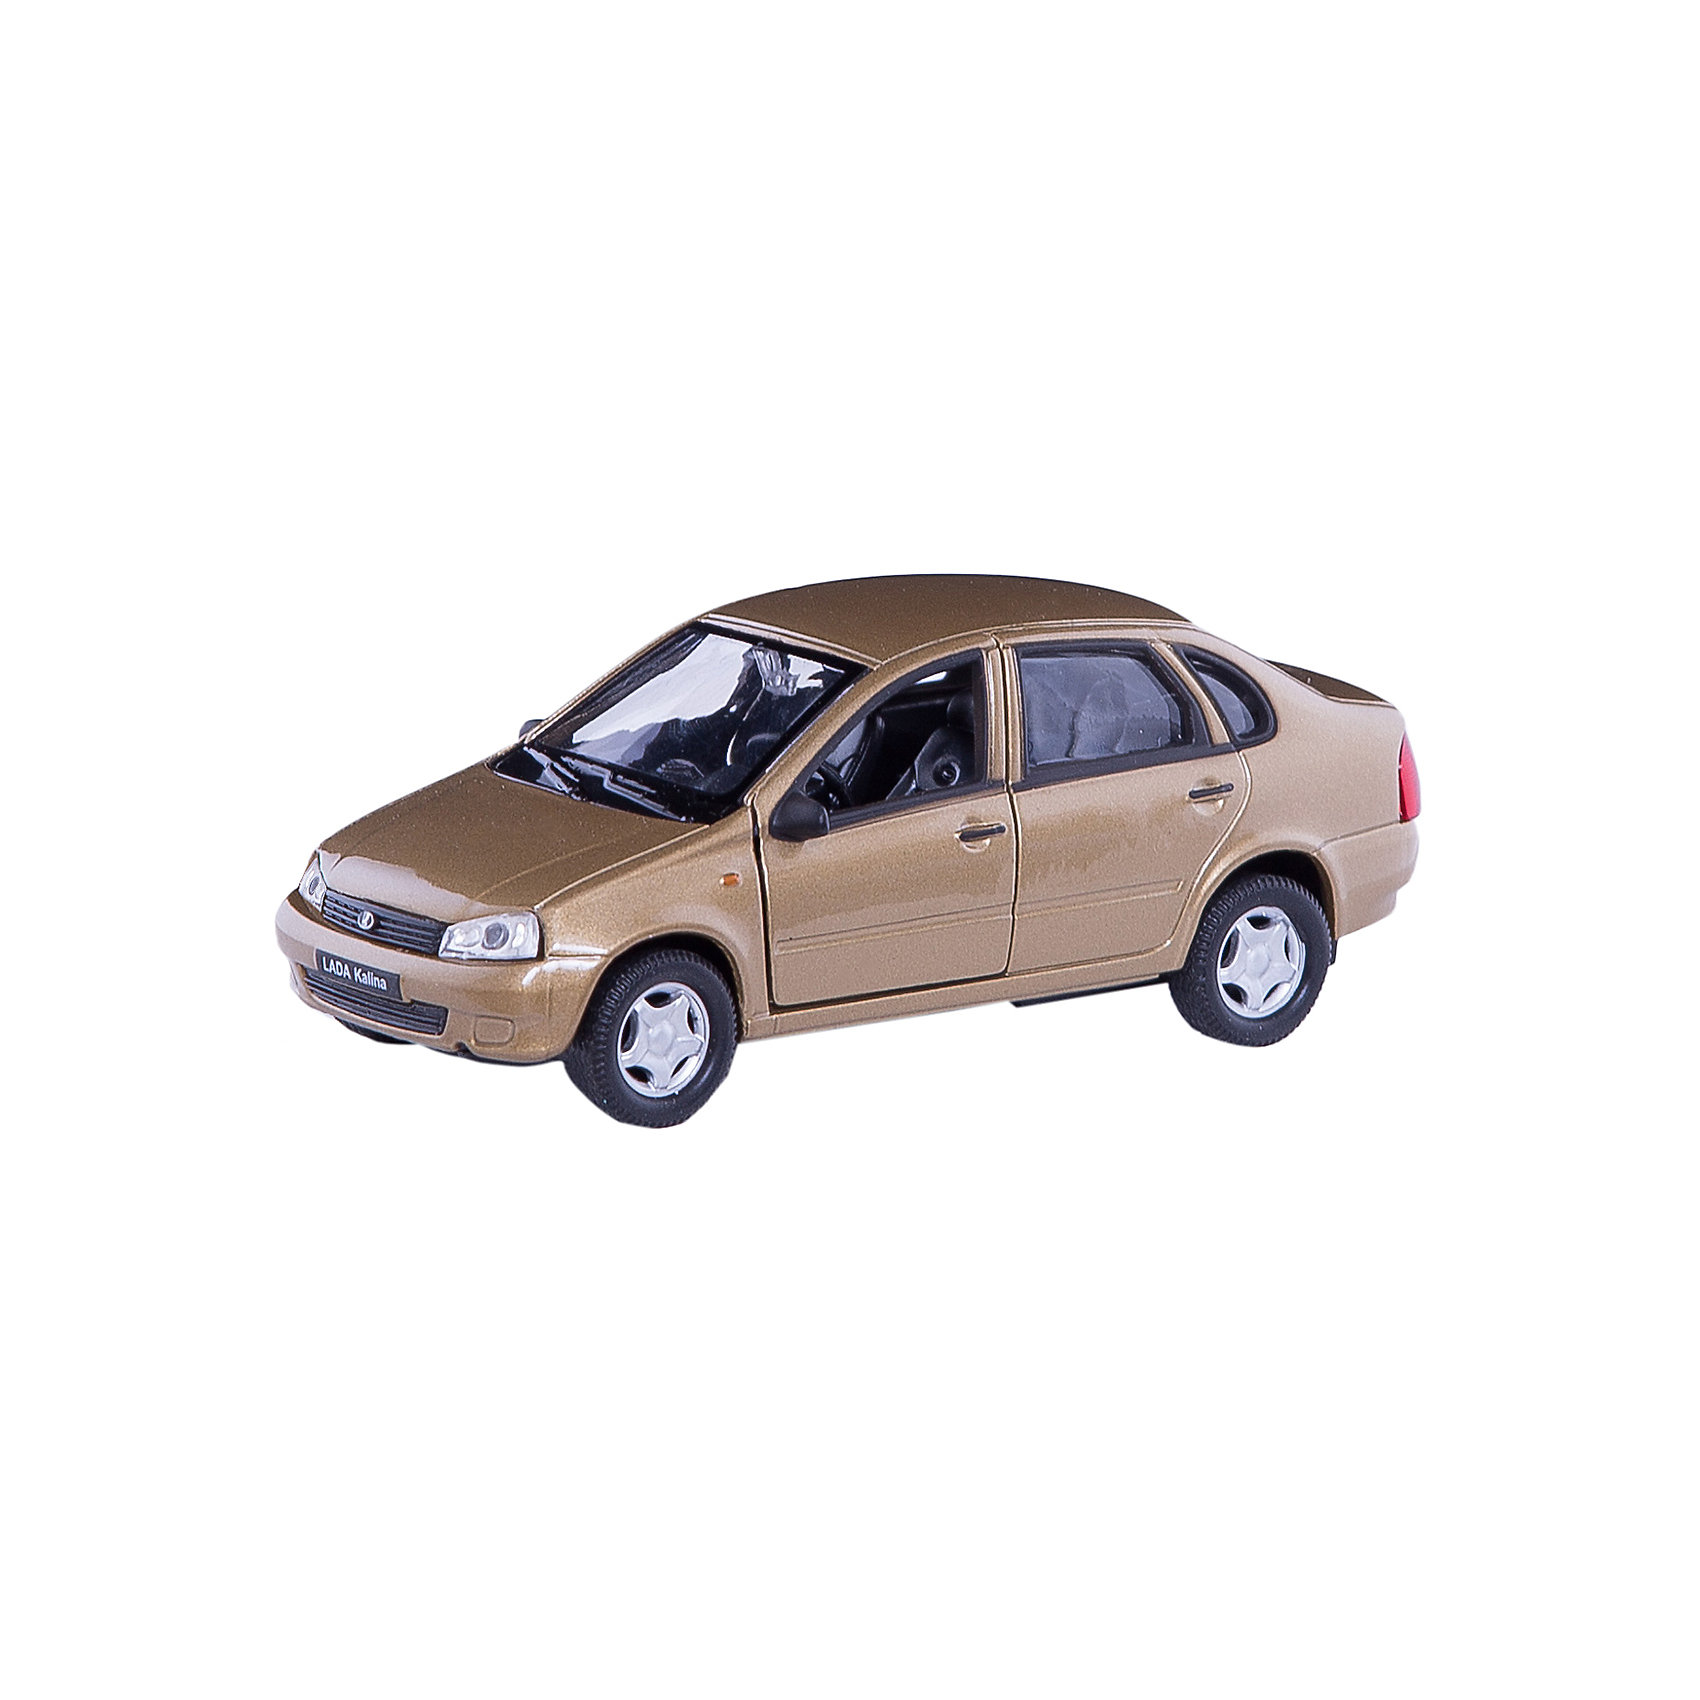 Модель машины 1:34-39 LADA Kalina, WellyКоллекционные модели<br>Коллекционная модель машины  масштаба 1:34-39 LADA Kalina. Функции: открываются передние двери, инерционный механизм.<br>Цвет кузова автомобиля представлен в ассортименте. Выбрать определенный цвет заранее не представляется возможным.<br><br>Ширина мм: 60<br>Глубина мм: 110<br>Высота мм: 150<br>Вес г: 184<br>Возраст от месяцев: 36<br>Возраст до месяцев: 192<br>Пол: Мужской<br>Возраст: Детский<br>SKU: 4966516